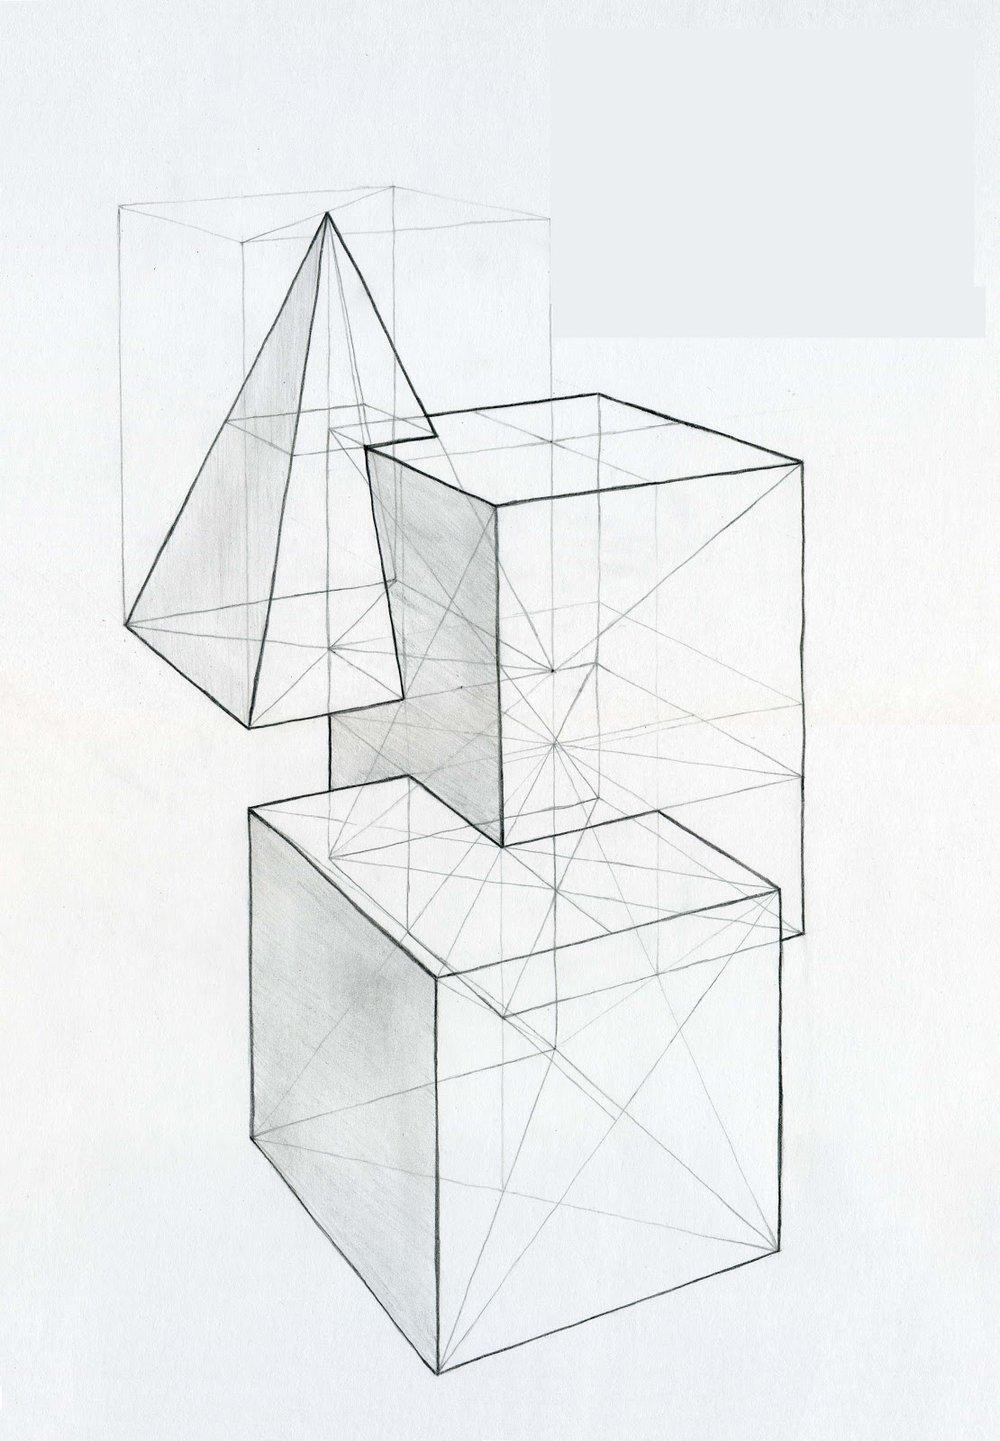 От простого к сложному - Начинаем рисовать с простейших геометрических фигур - куба, пирамиды, призмы, затем цилиндра, шара. Сначала рисуем каркас, потом, по мере того, как станет получаться что-то более-менее похожее - штрихуем. Только потом переходим к изображению групп фигур, начинаем прорисовывать фон и т. д.